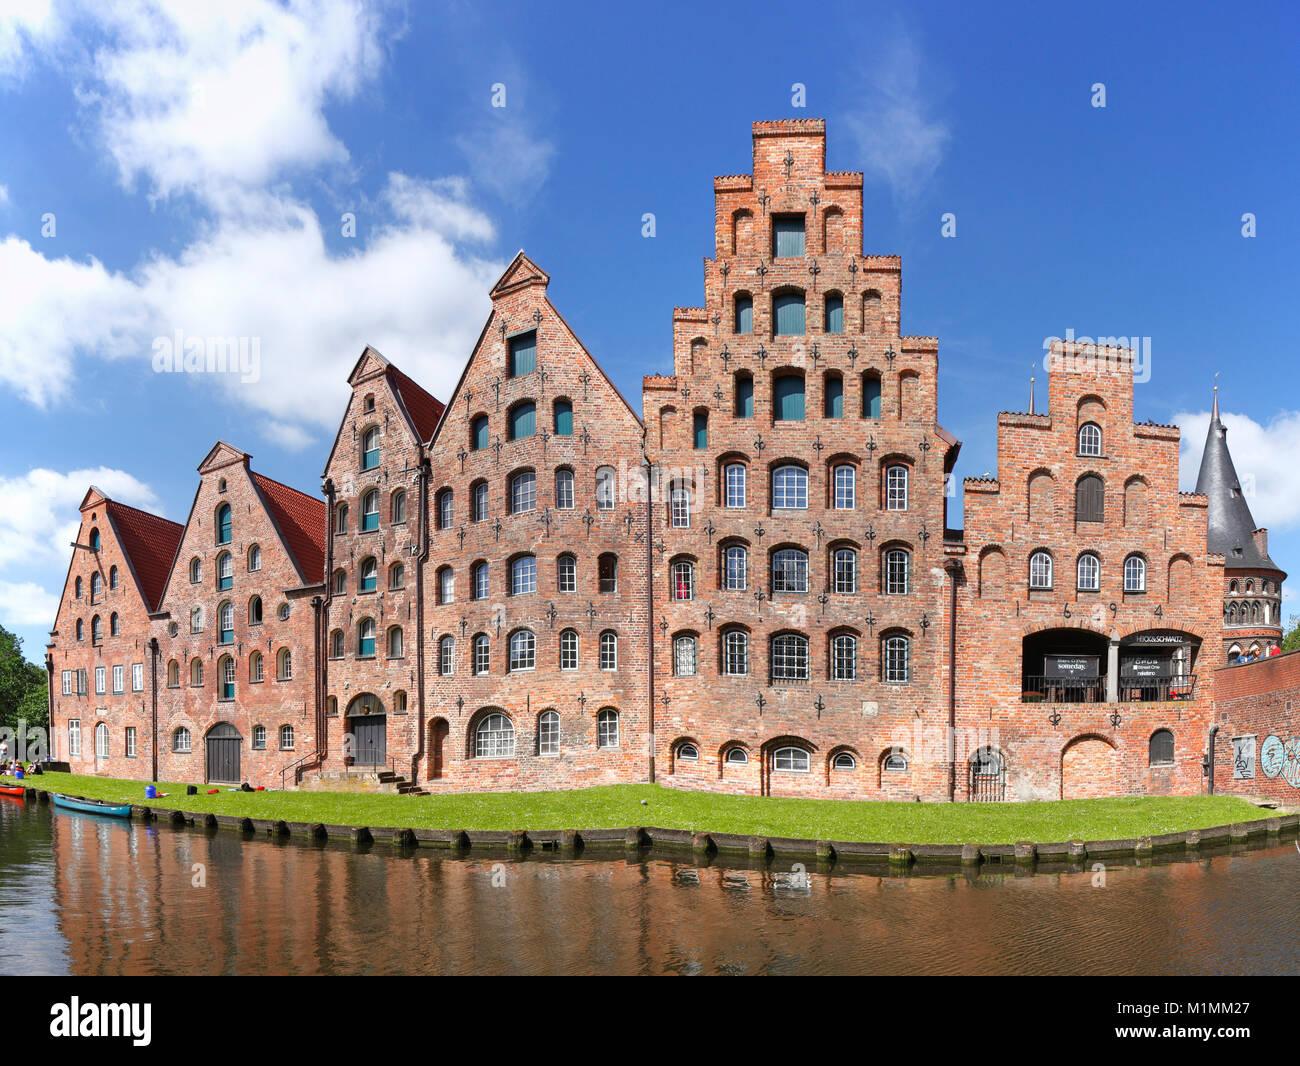 Historische Salzspeicher, Lübeck, Schleswig-Holstein, Deutschland, Europa Stockbild